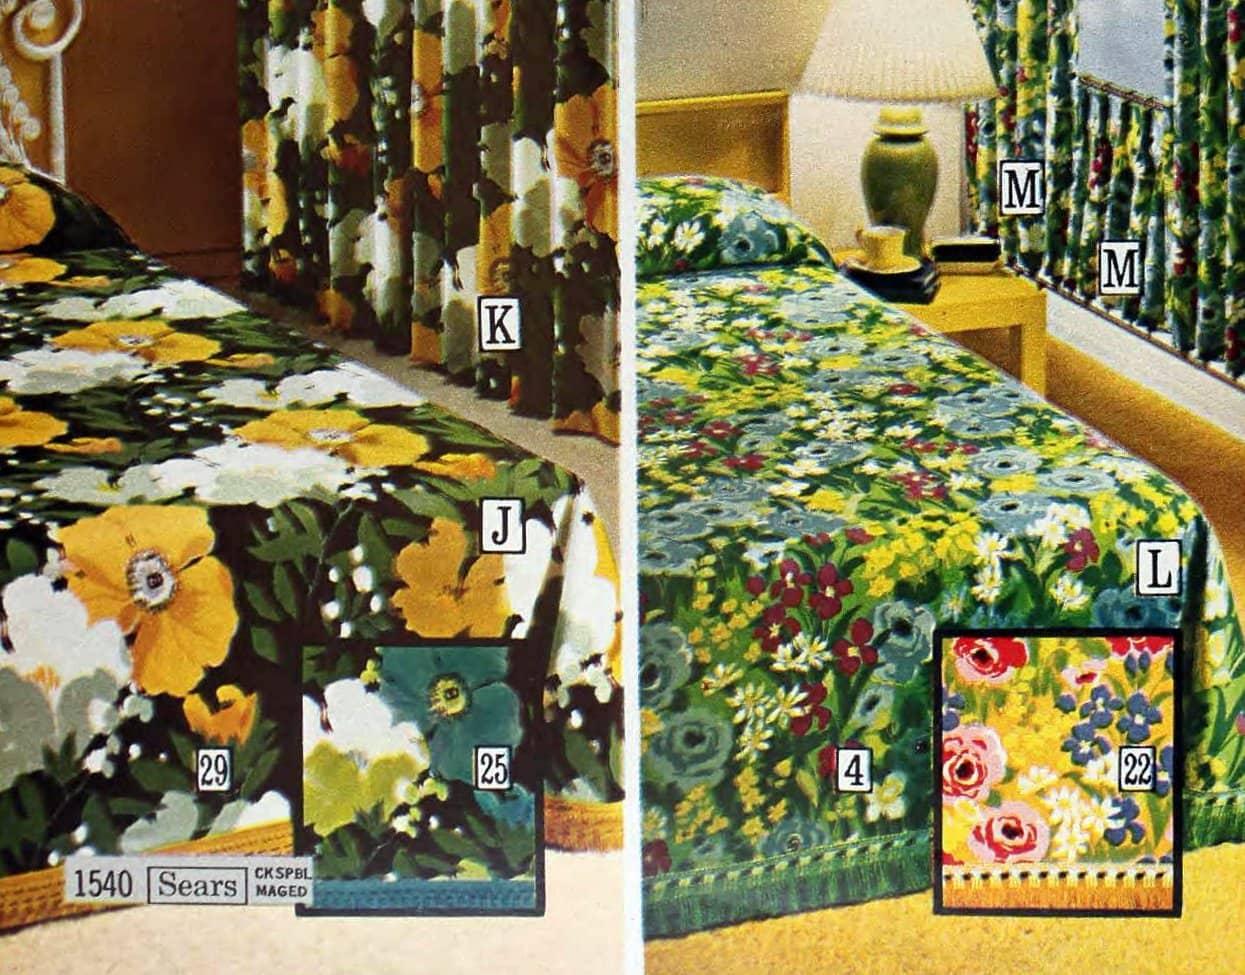 Vintage 1970s Blossomtime and Rose Garden patterned bedspreads